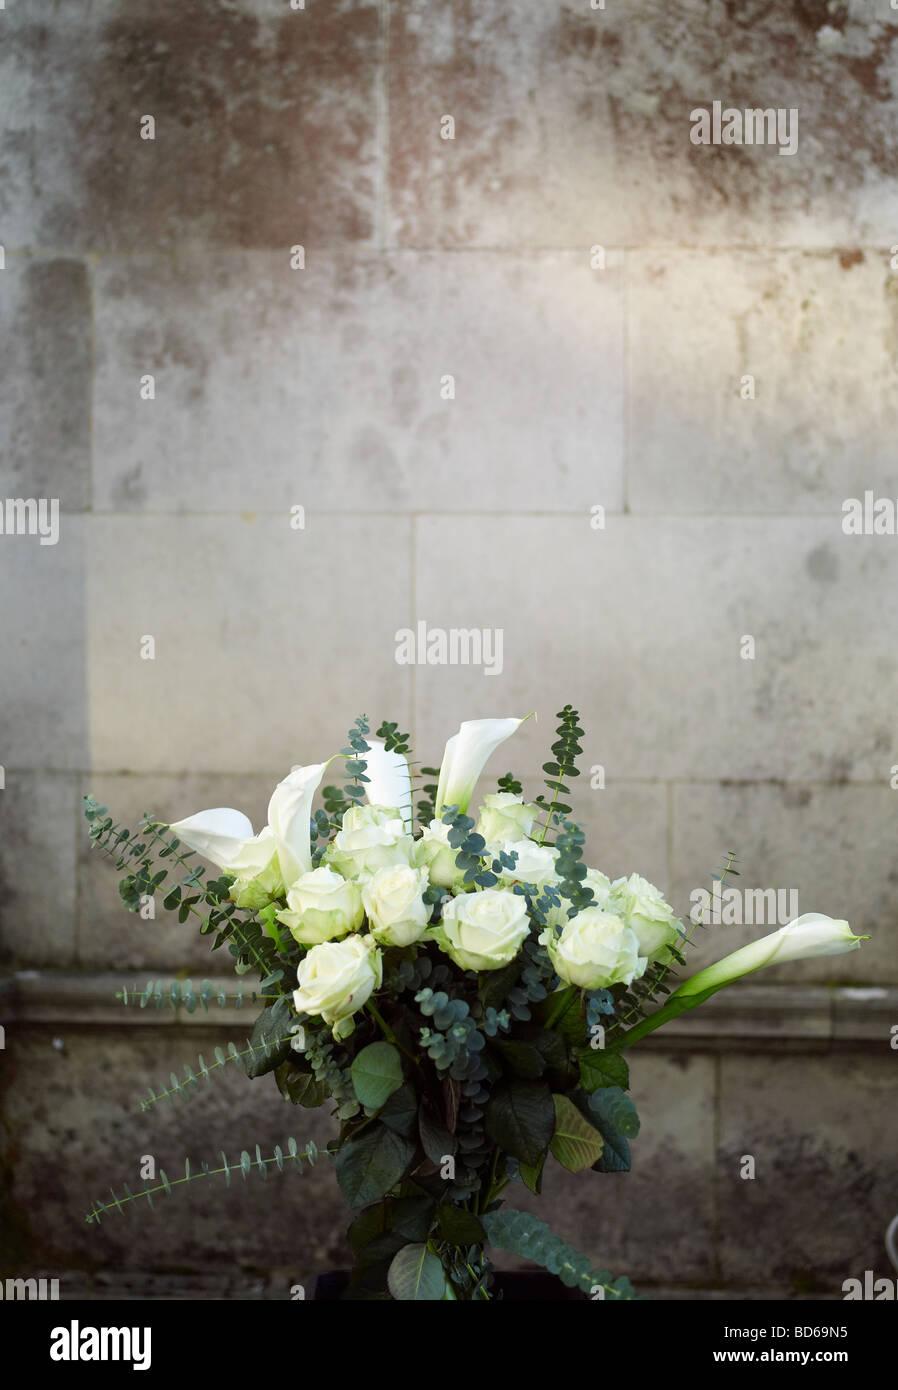 Hochzeitsblumen Weisse Rosen Arum Lilien Und Eukalyptus Grunes Laub